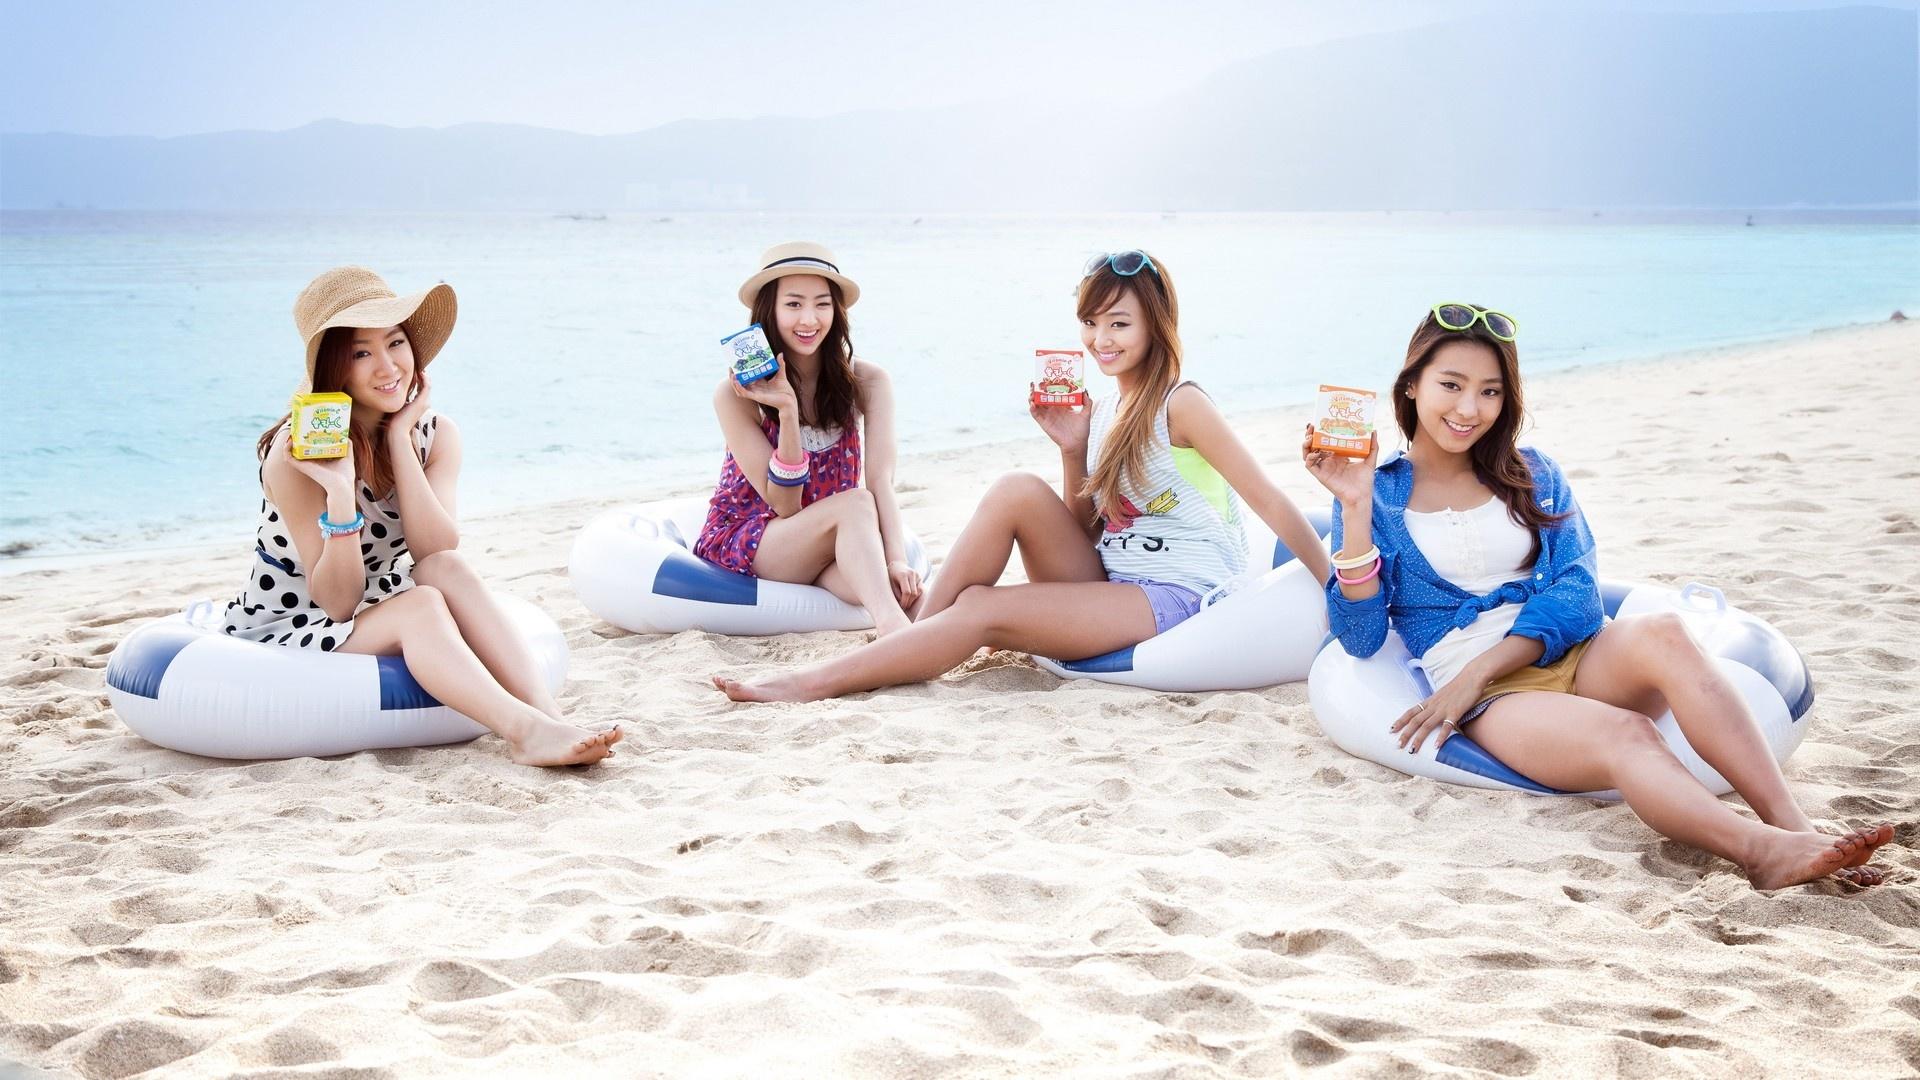 Wallpaper Sistar Beautiful Girls At Beach 1920x1080 Full Hd 2k